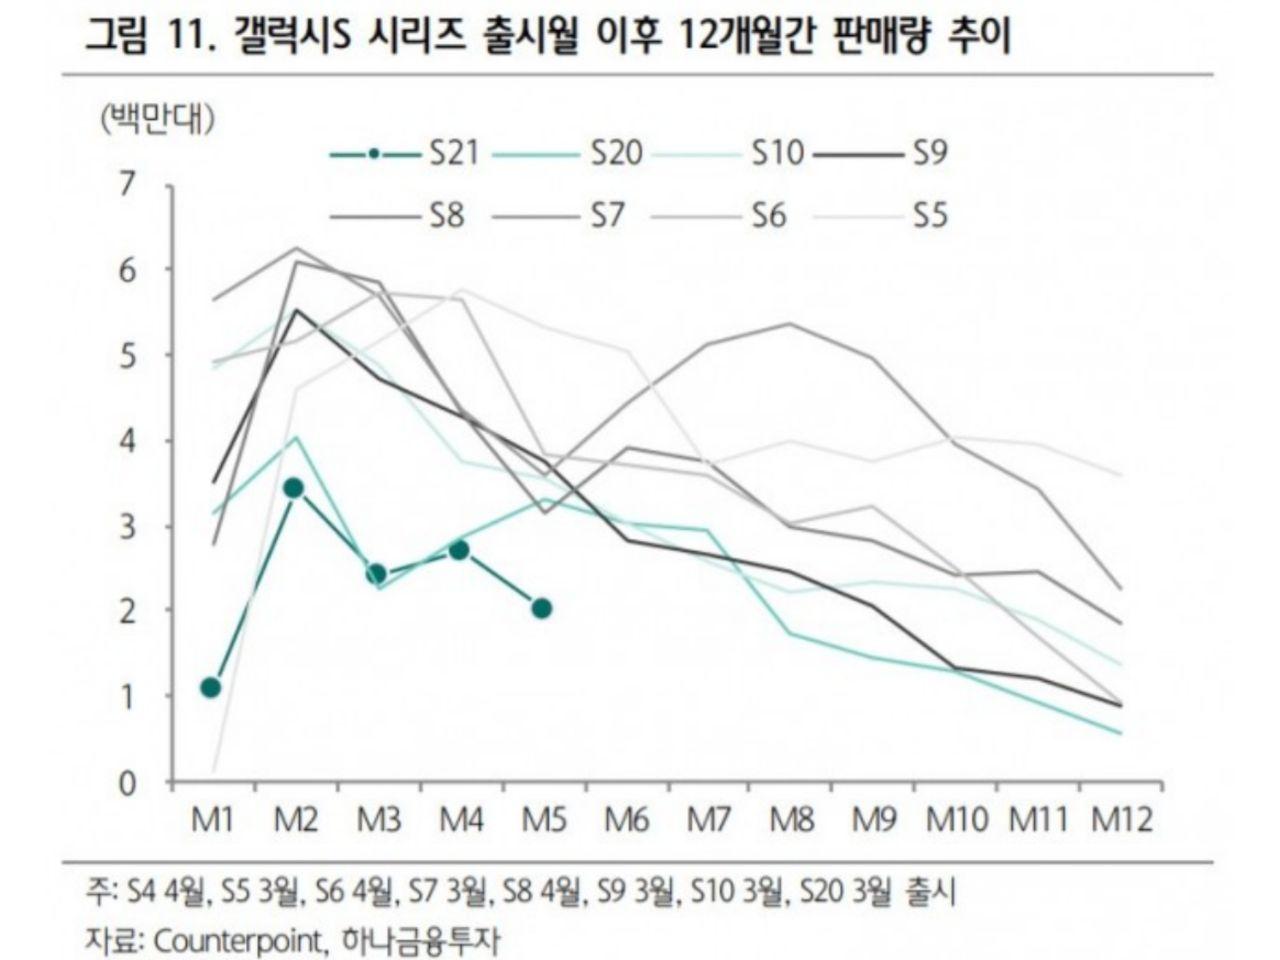 نمودار میزان فروش گوشیهای سری Galaxy S سامسونگ